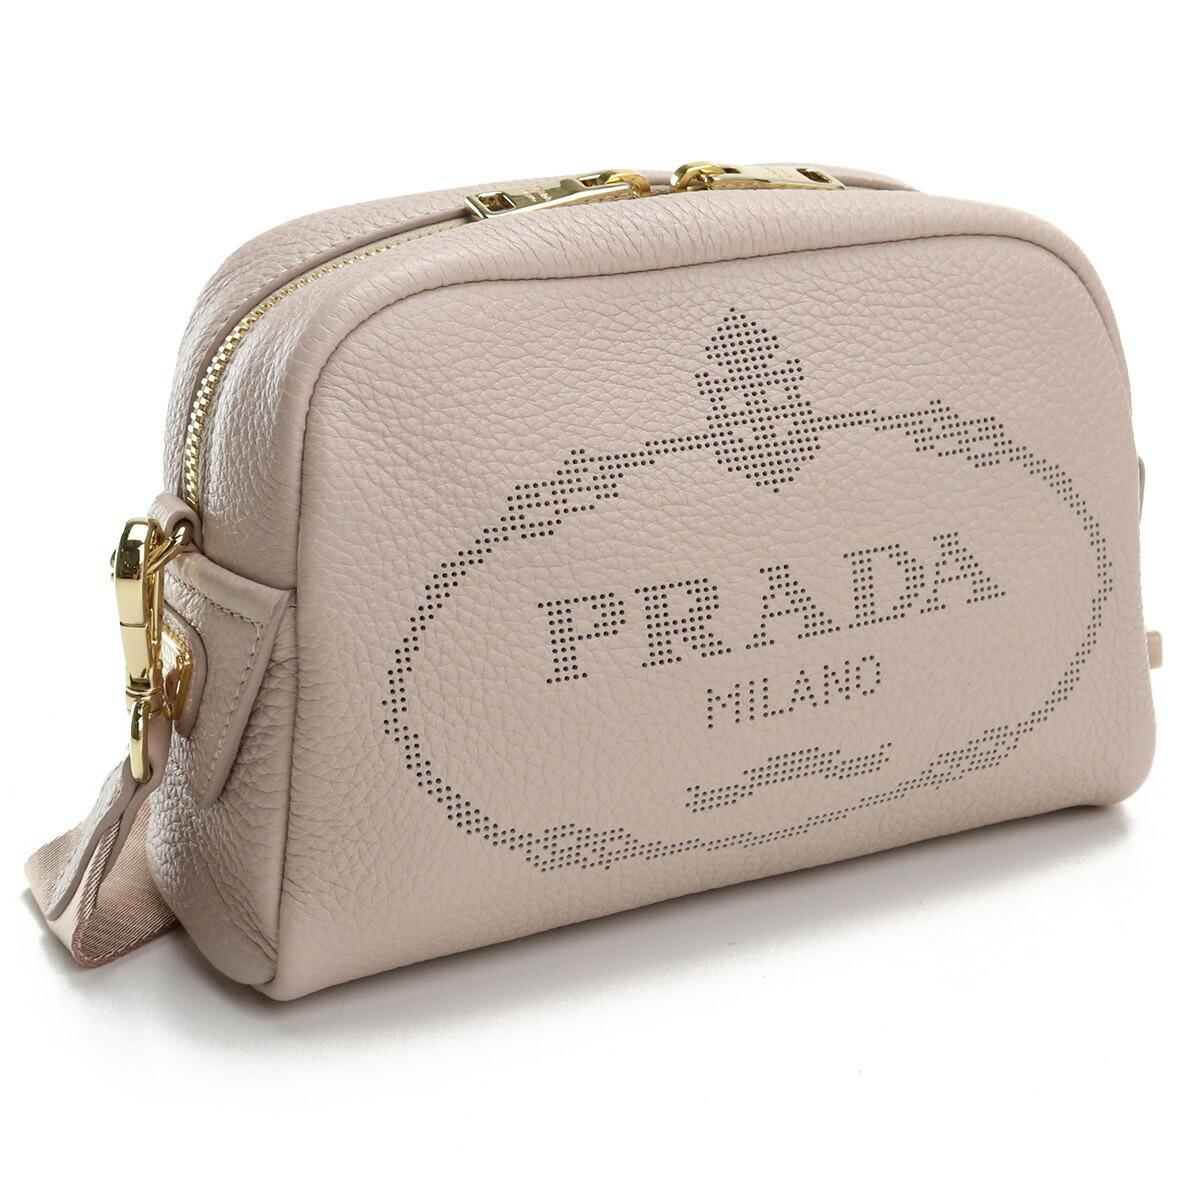 プラダ PRADA  斜め掛け ショルダーバッグ ブランドロゴ ブランドバッグ 1BH187 2DKV V OLO F0NZ2 NINFEA ピンク系 bag-01